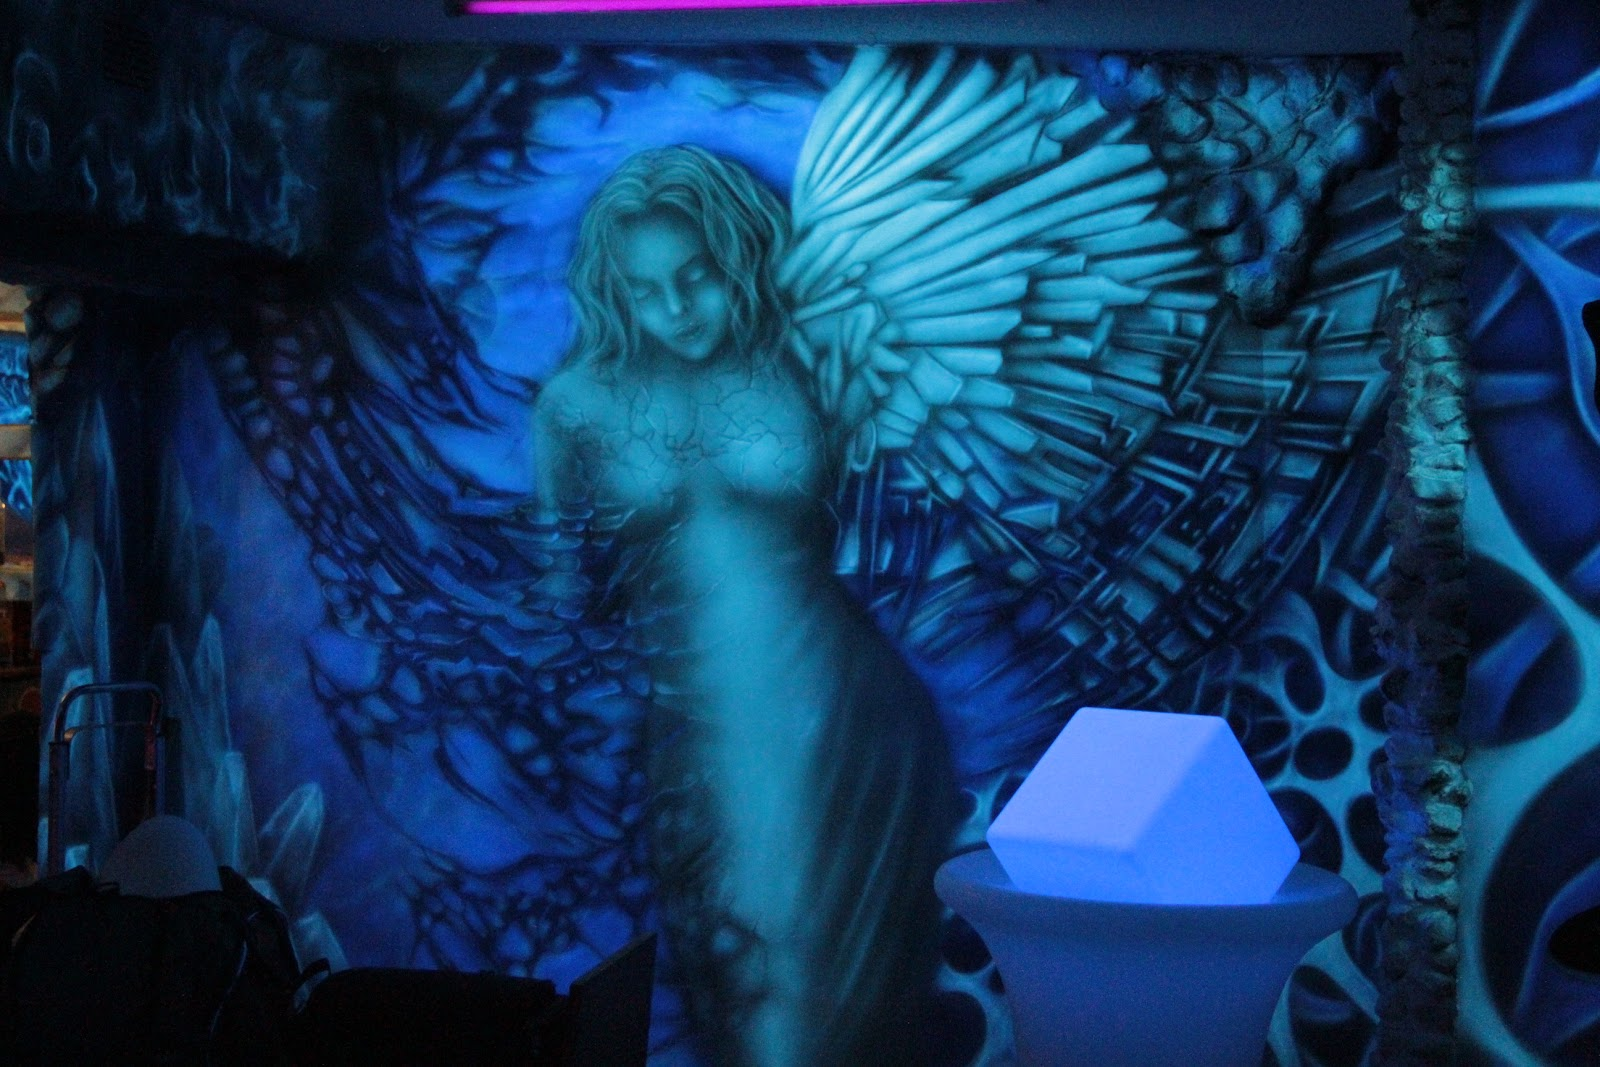 Malowanie obrazu na ścianie w klubie, efekt świecenia ściany, mural UV, malowanie anioła na aścianie